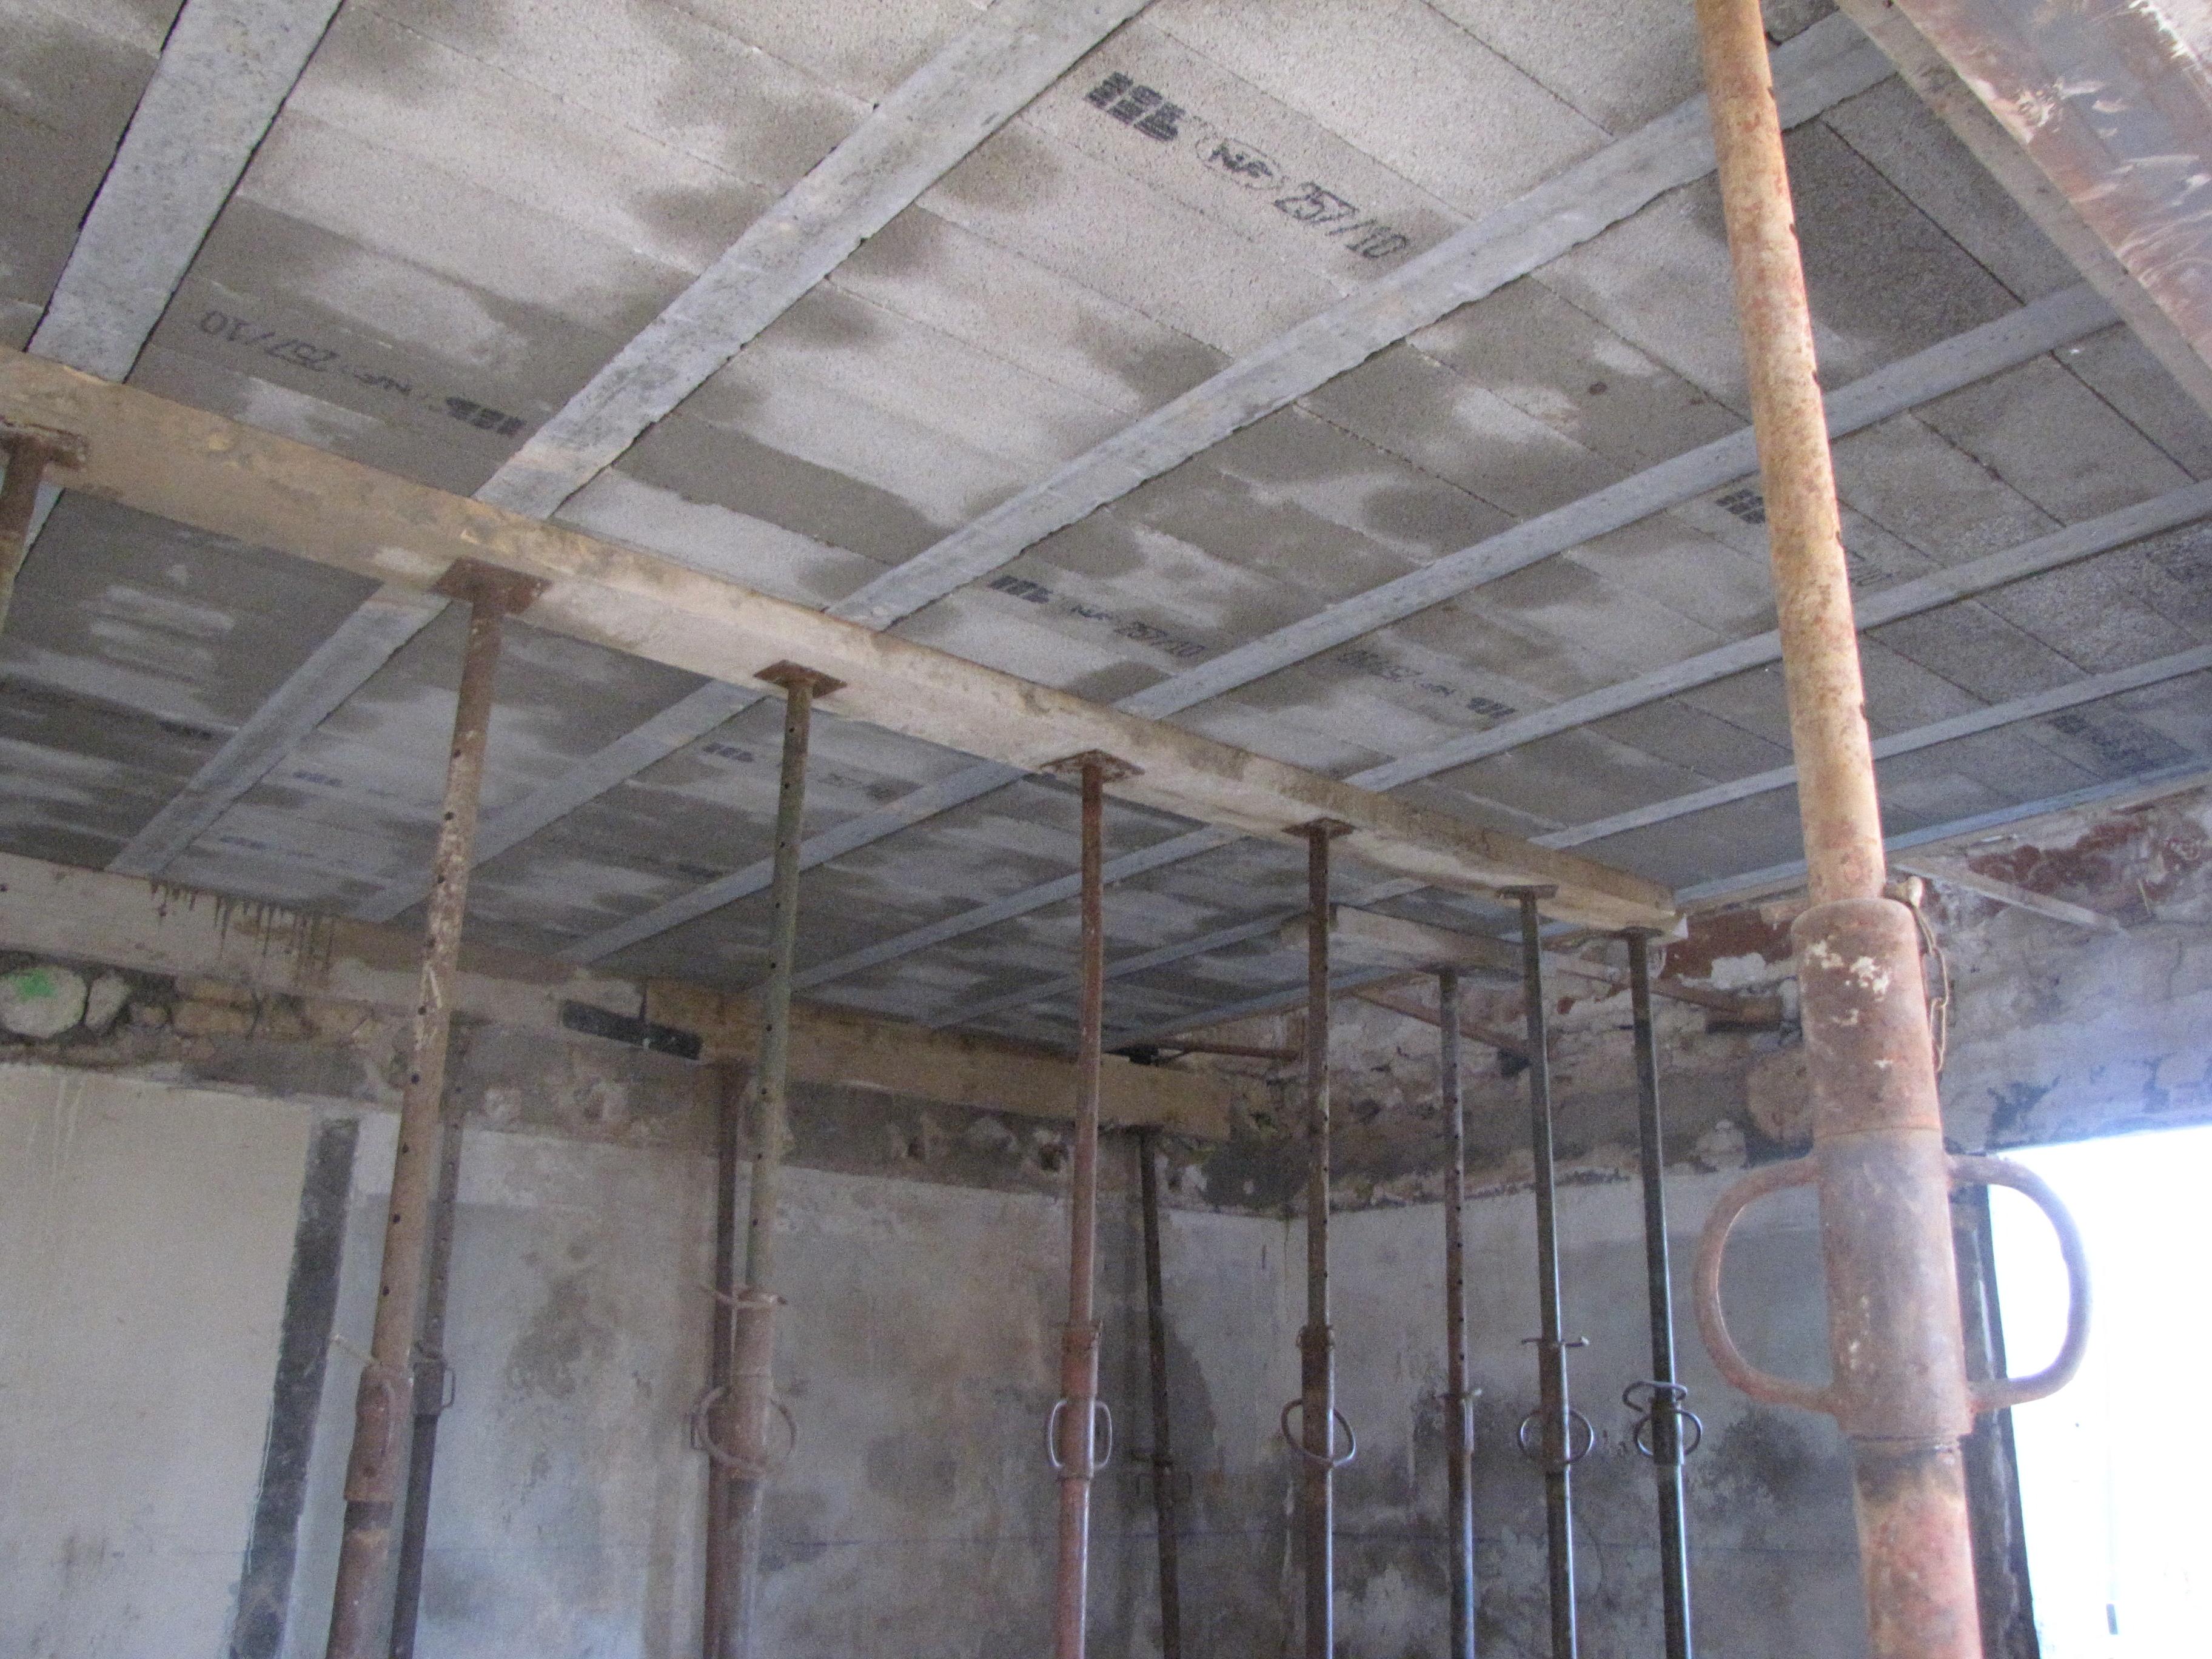 Desportes rénovation, 30. Mas de Pesquidoux. Création d'un plancher sur hourdis béton.